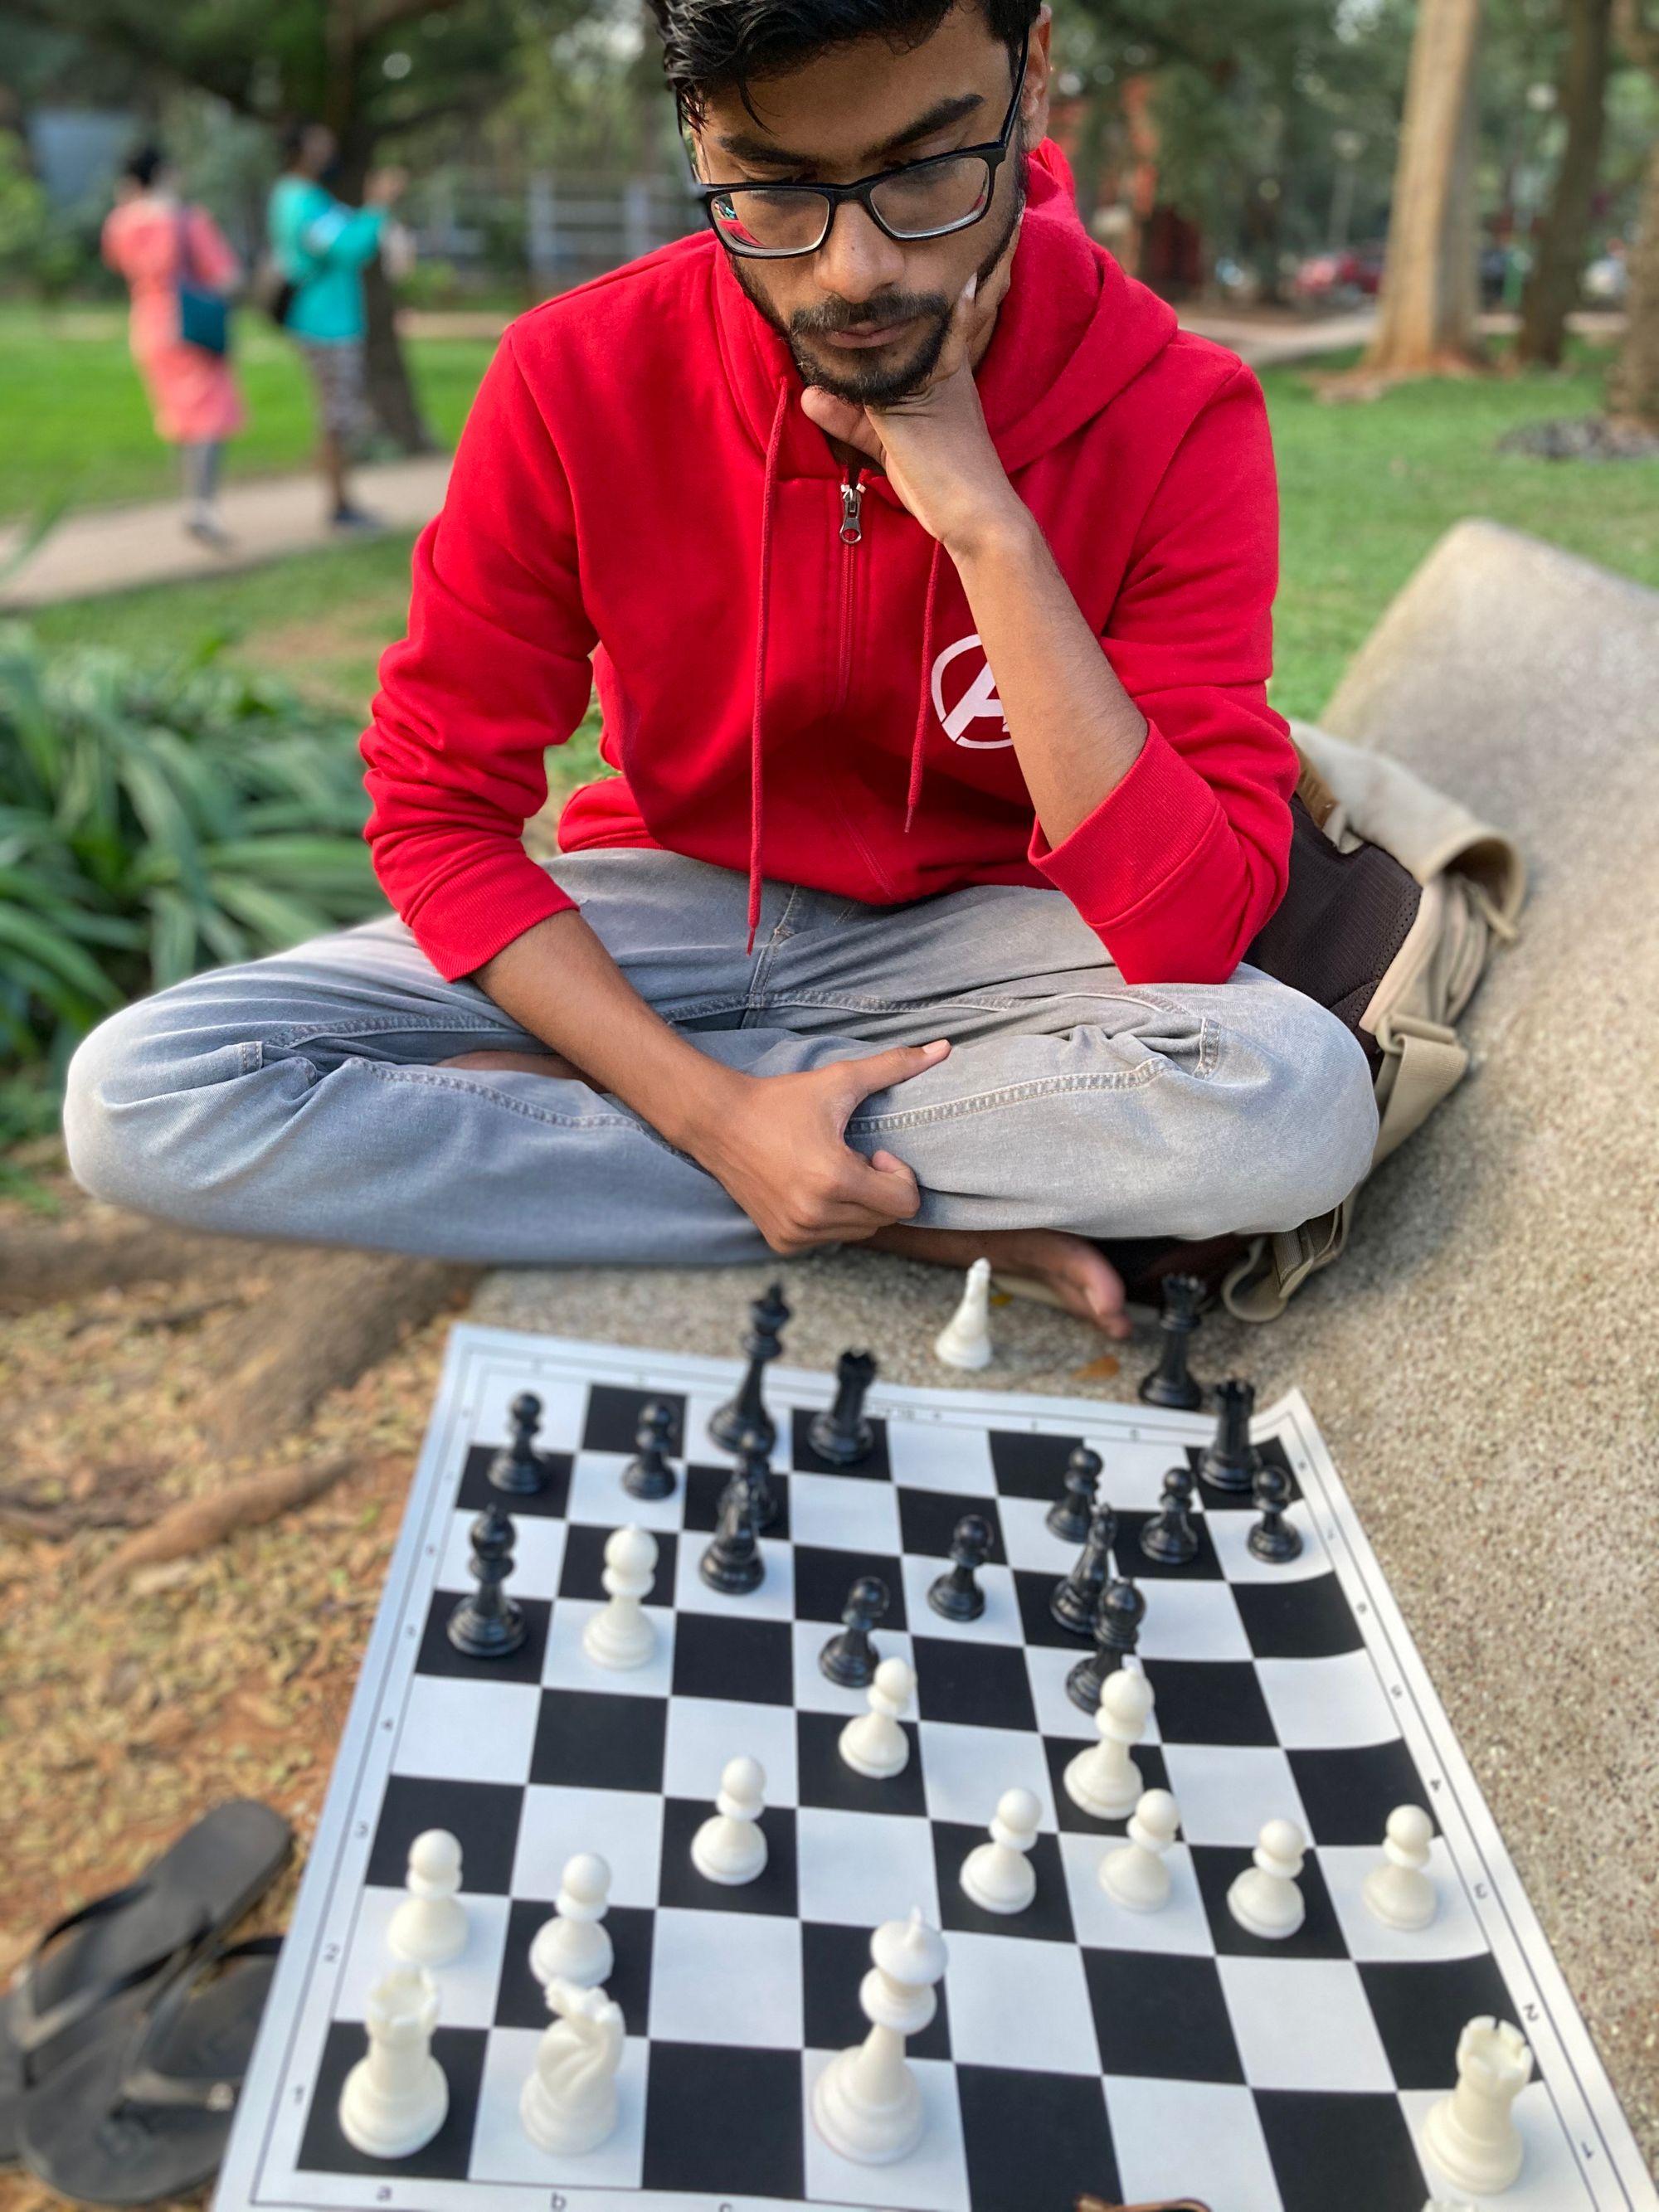 Abhishek Sah